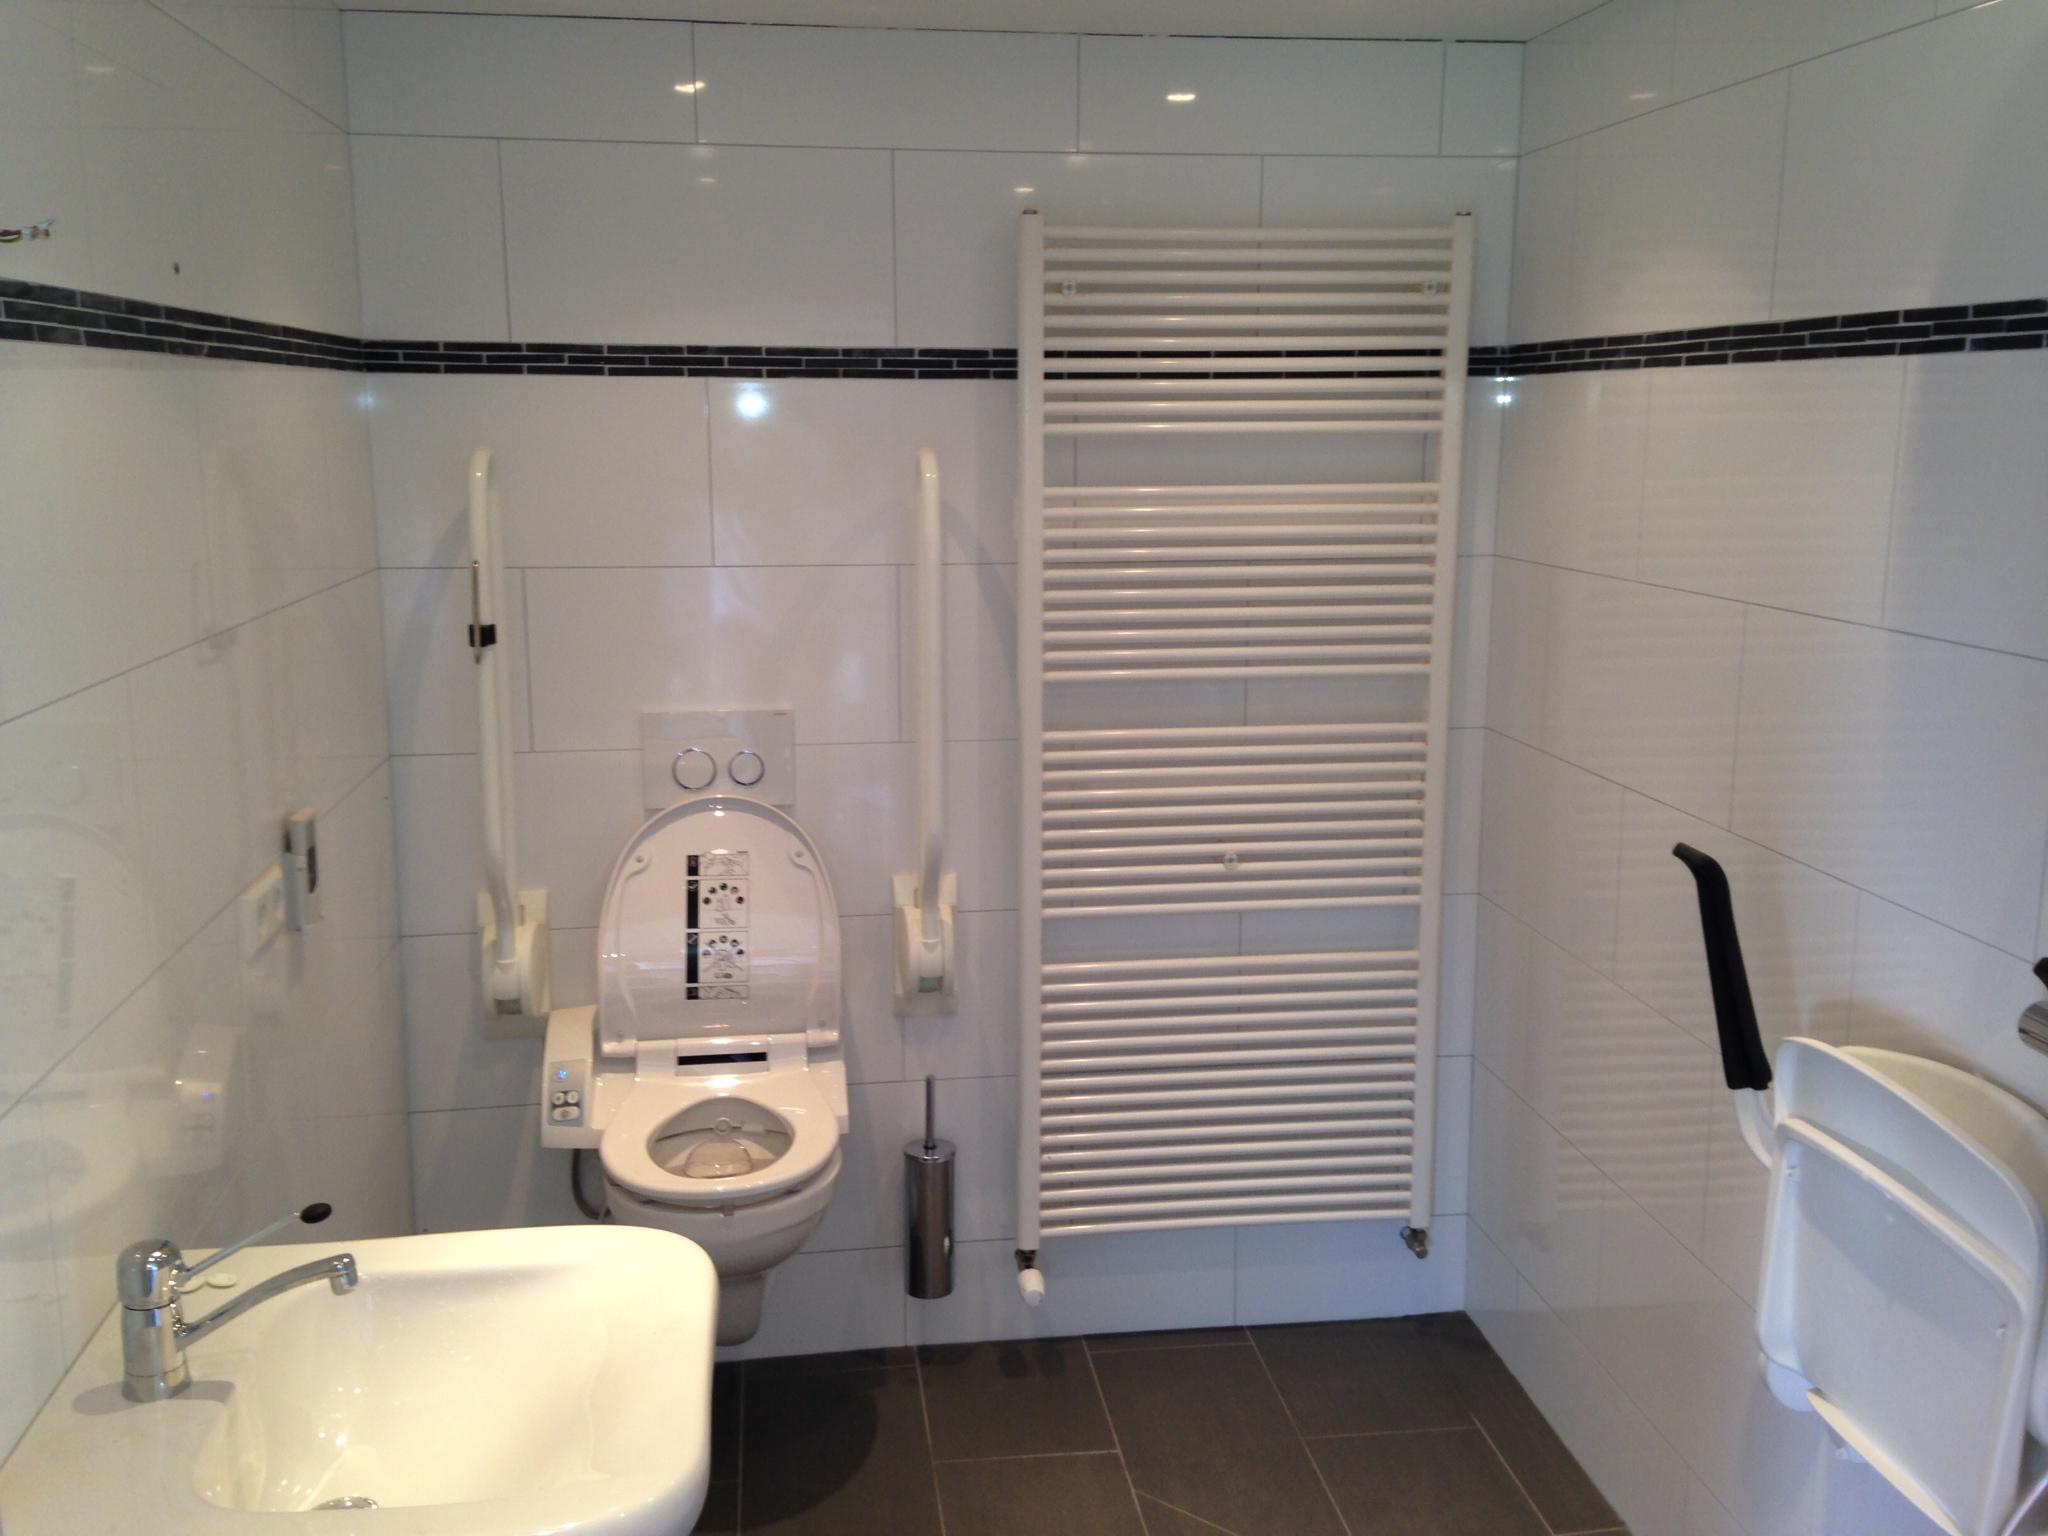 Simpele Badkamer Kosten : Geweldig simpele badkamer badkamermeubels ontwerpen